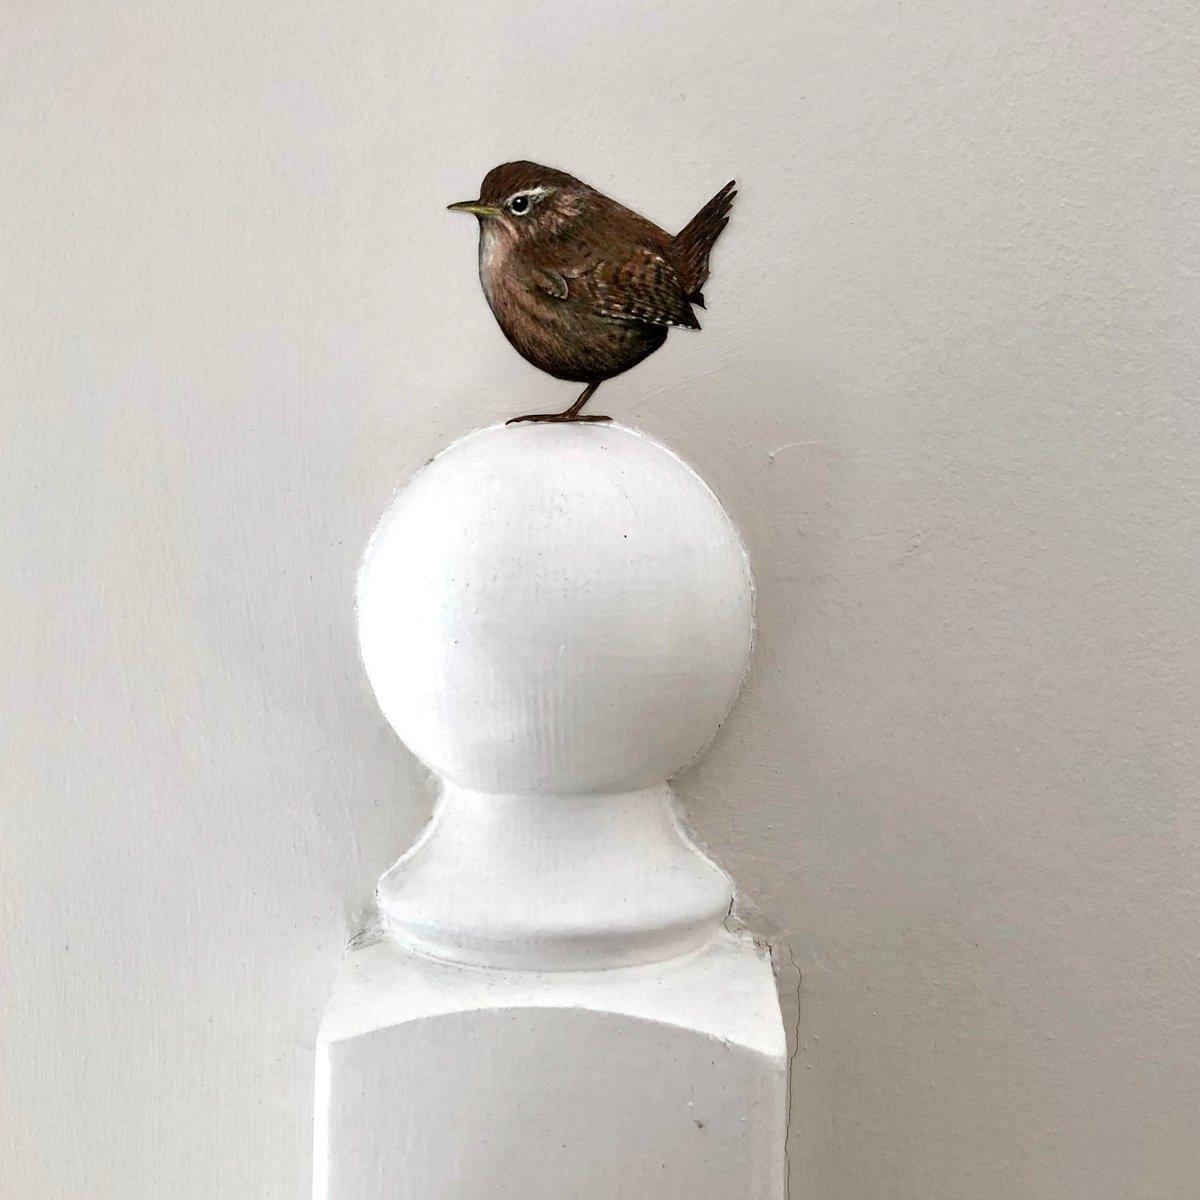 Image of Jenny Wren ~ Wall sticker.